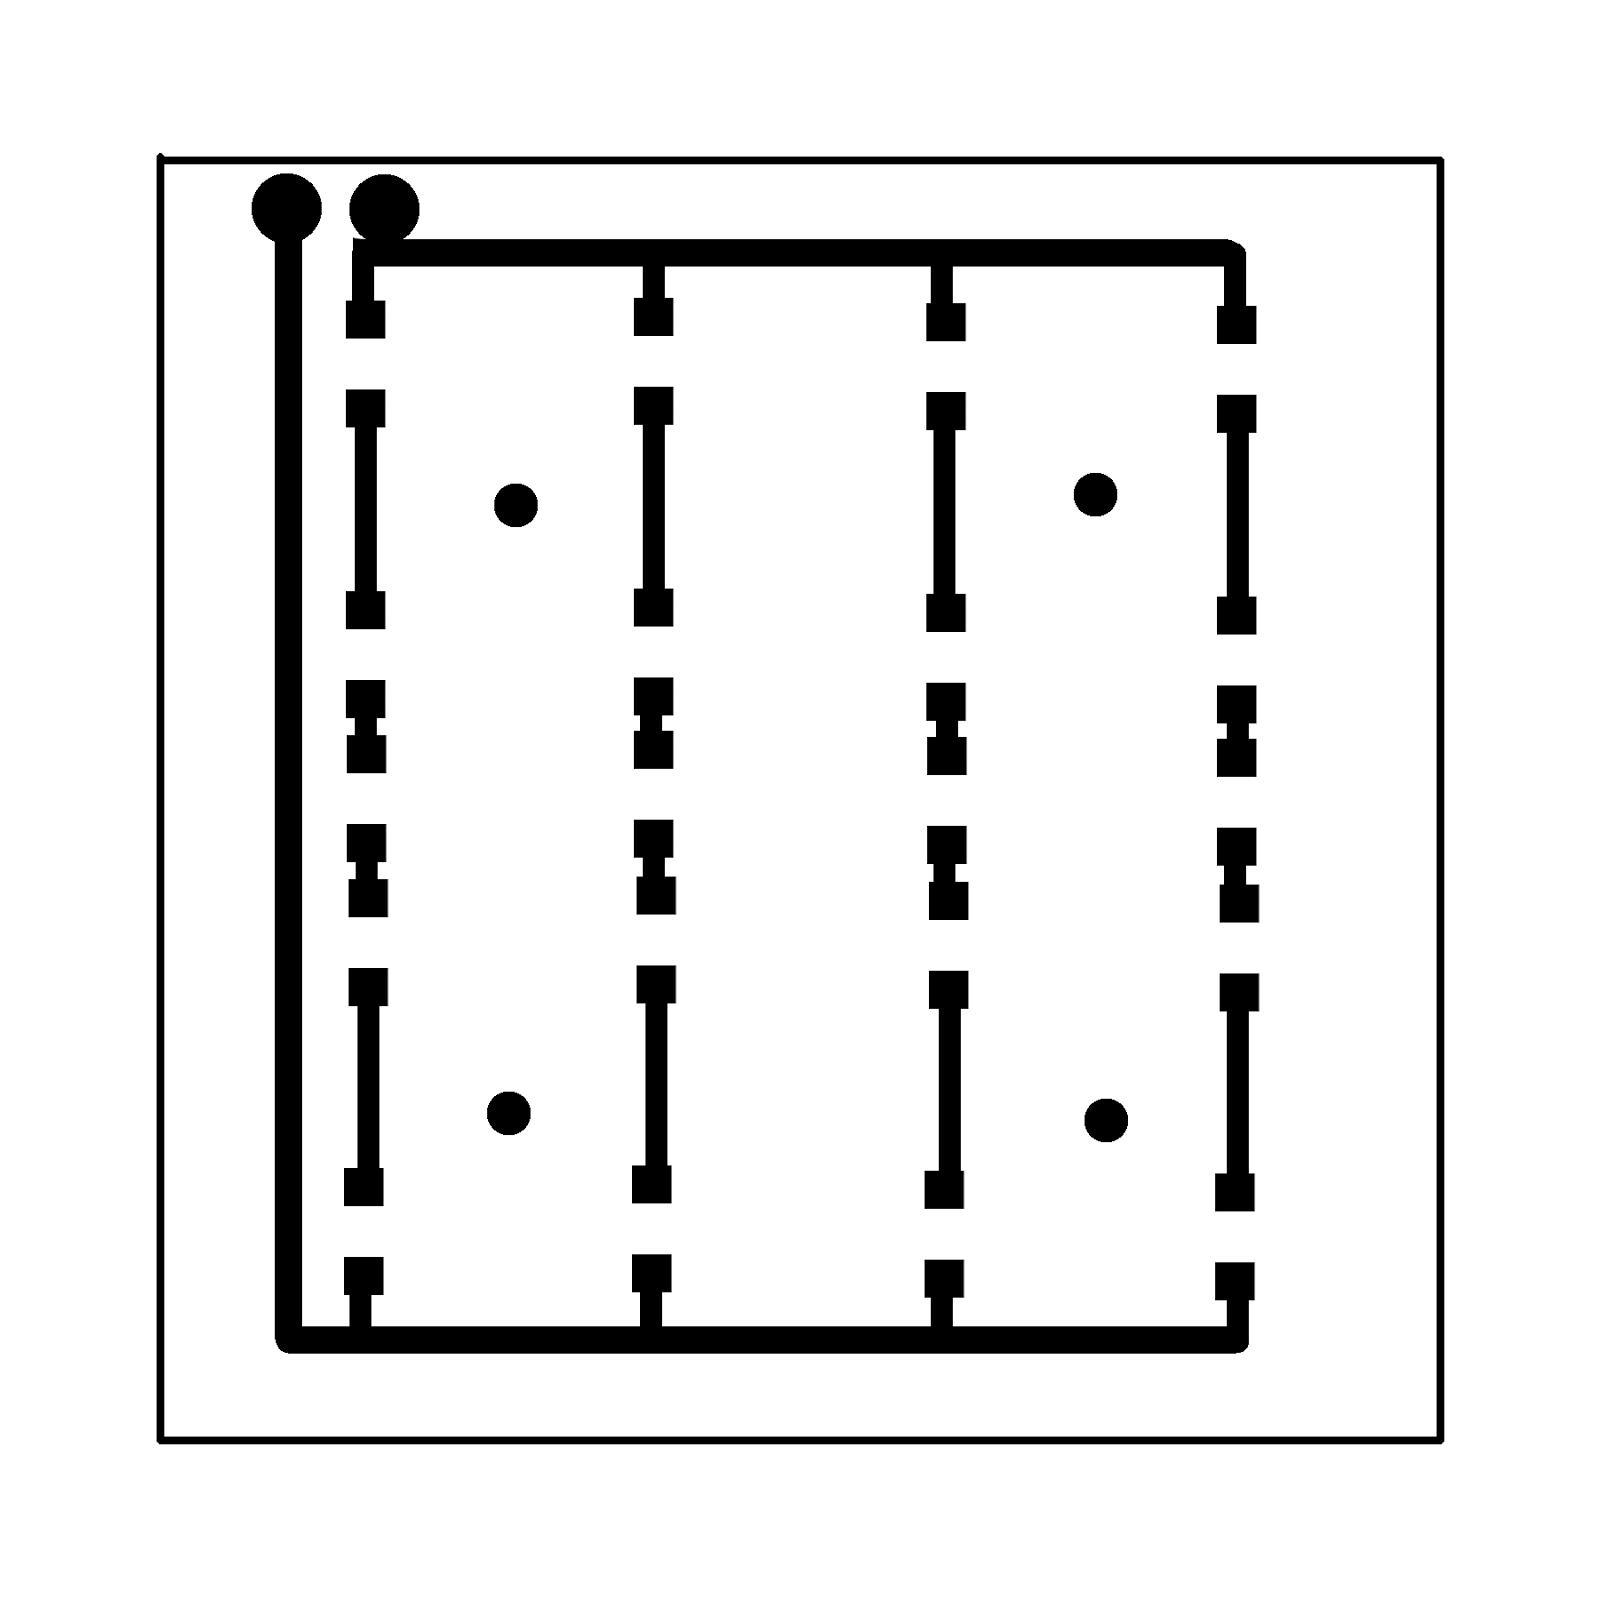 building a transmission and reflectance densitometer  led